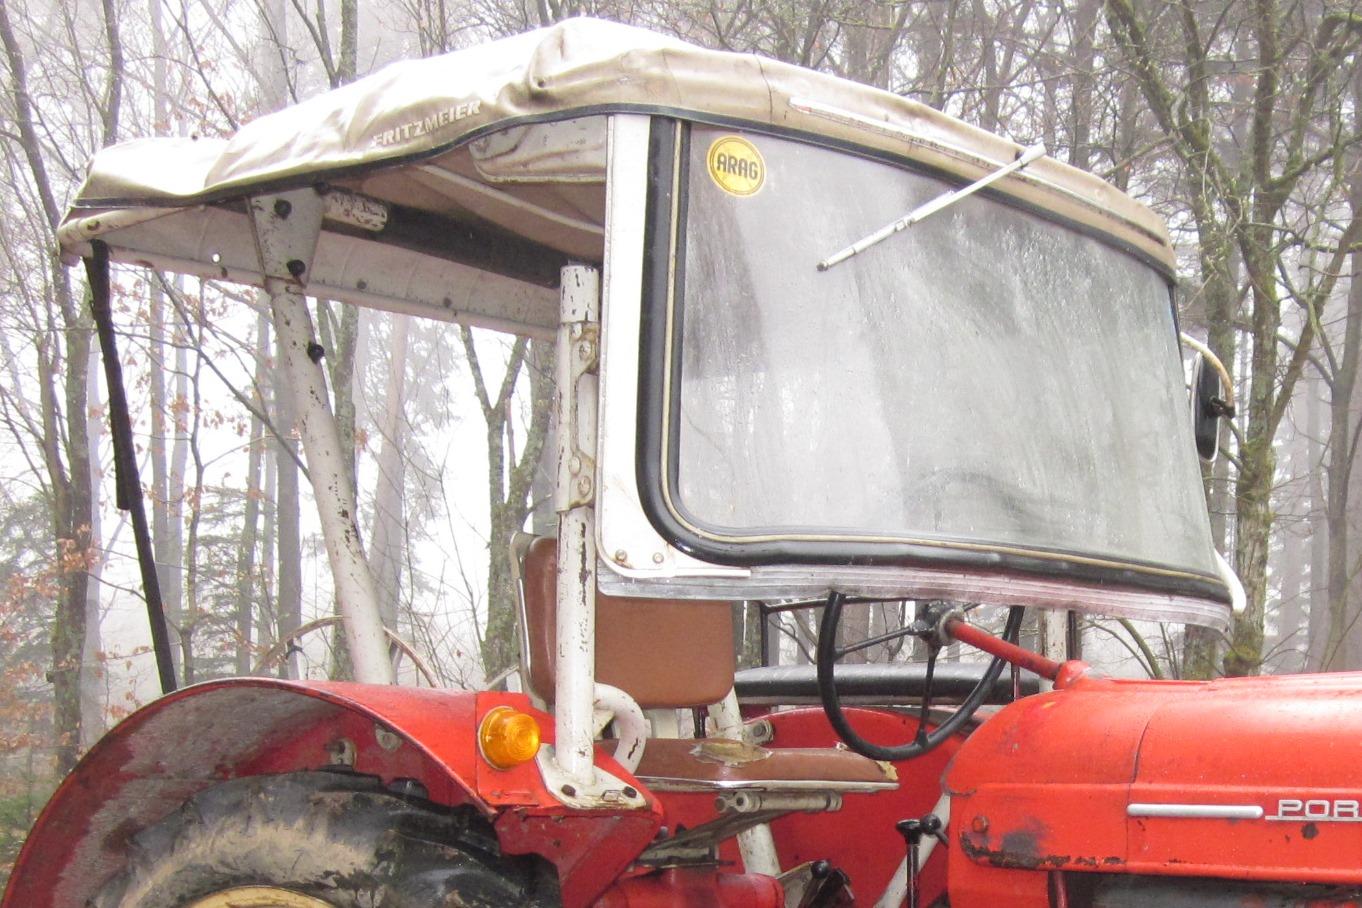 treckergarage gebrauchte traktoren anbauger te verdecke einachser. Black Bedroom Furniture Sets. Home Design Ideas